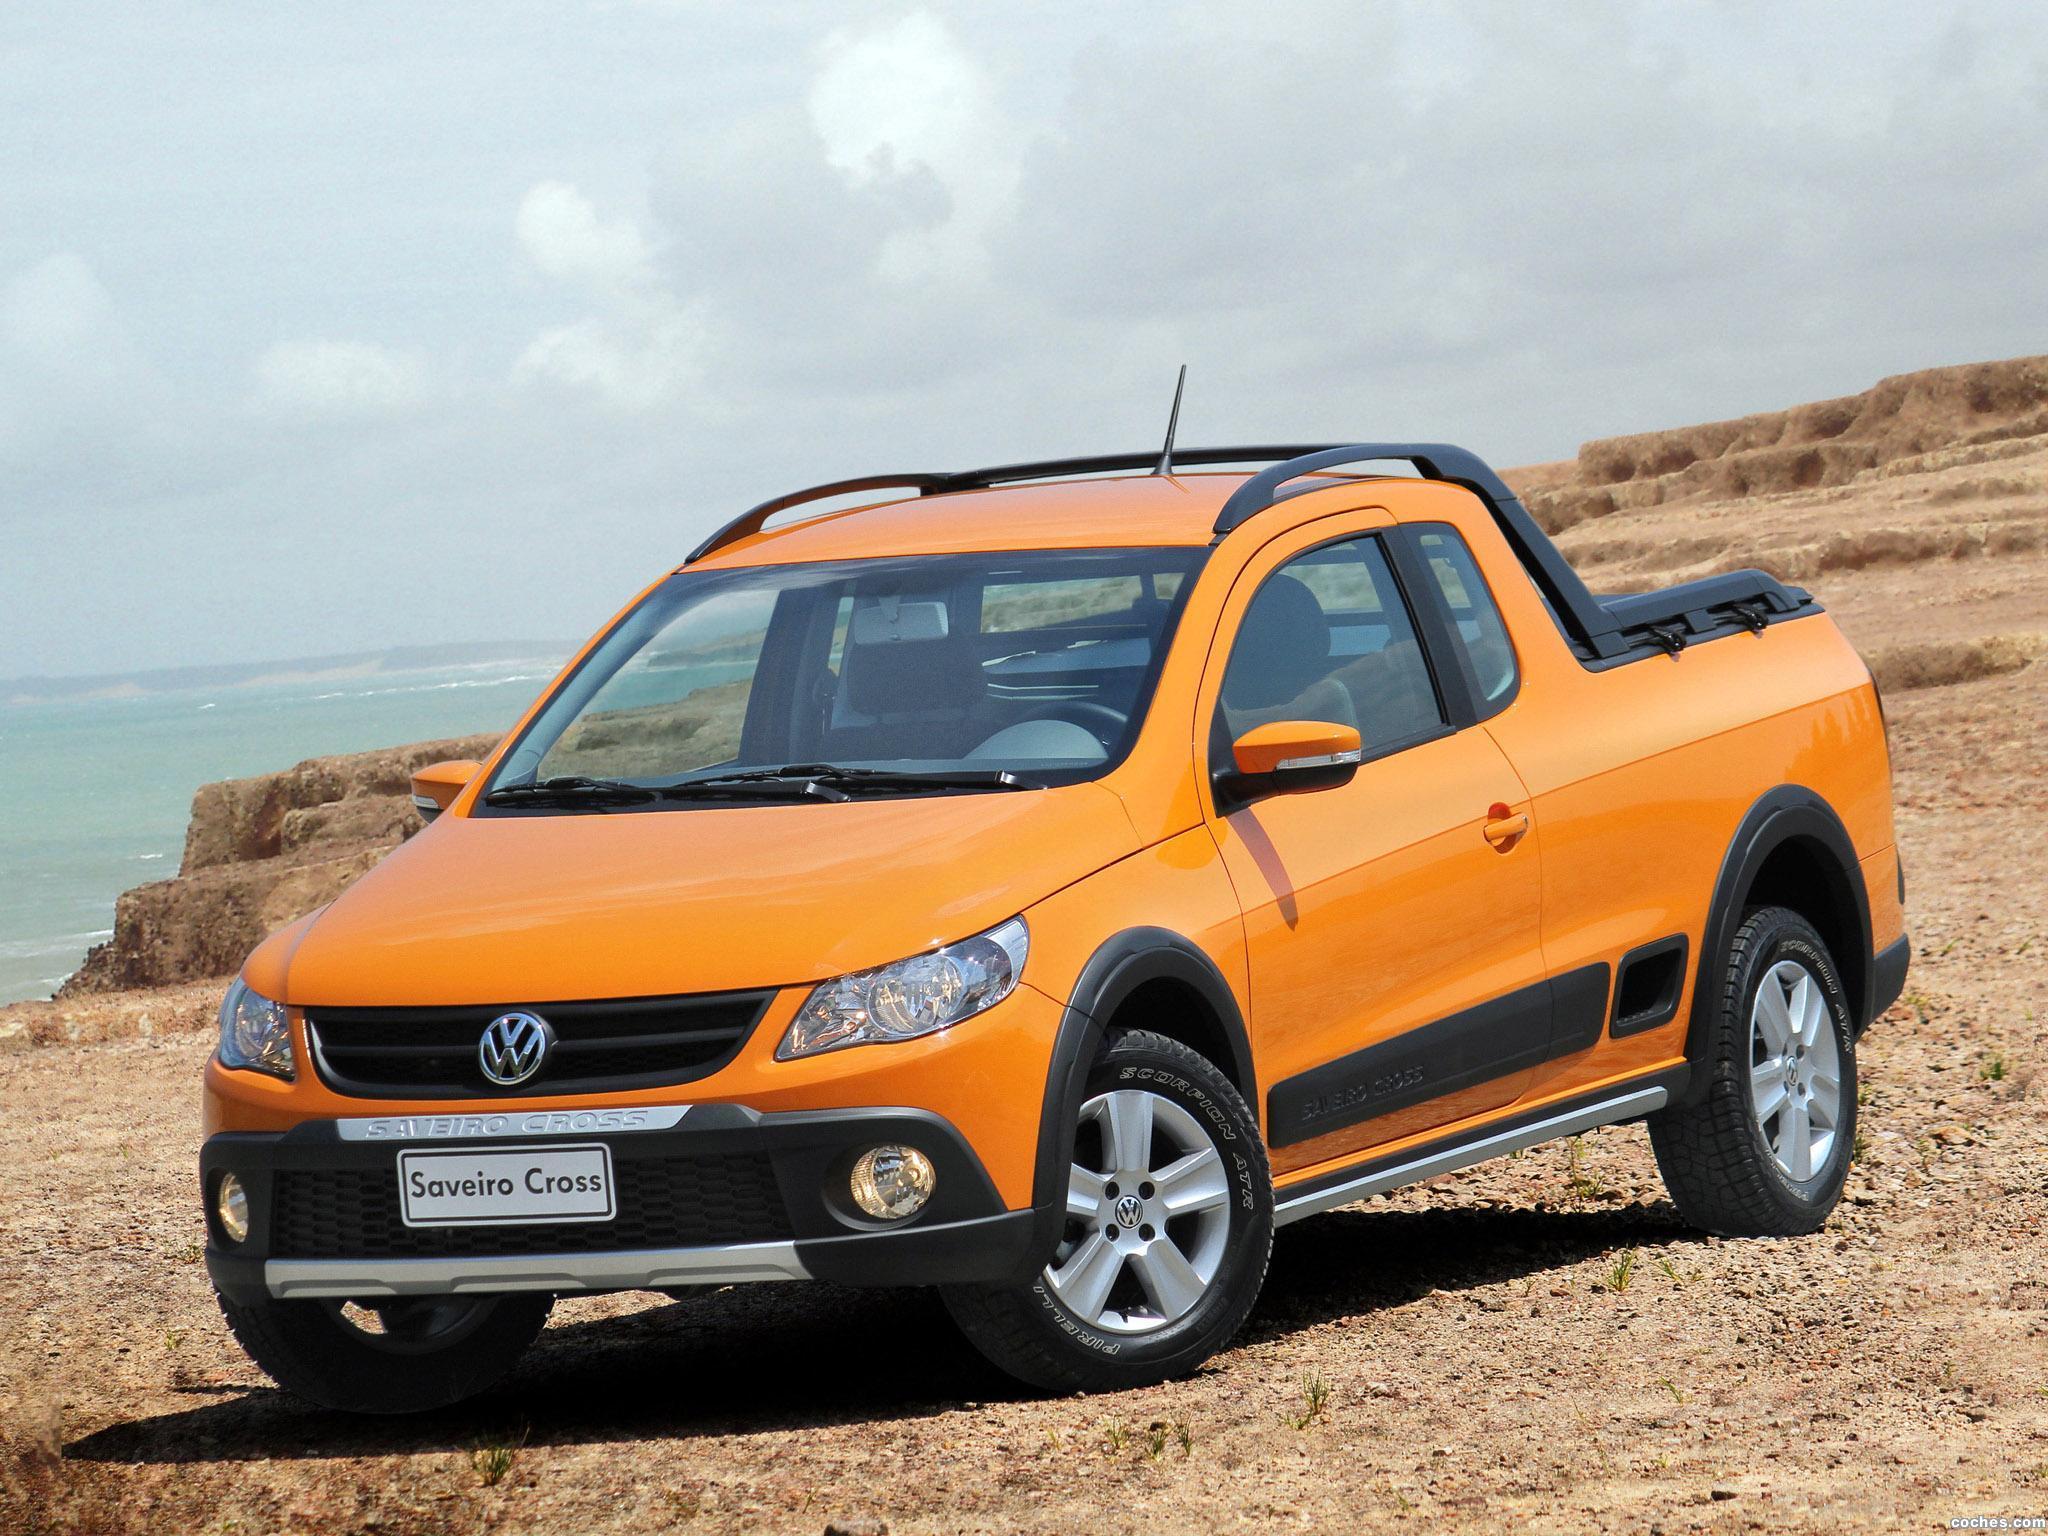 Foto 0 de Volkswagen Saveiro Cross V 2010